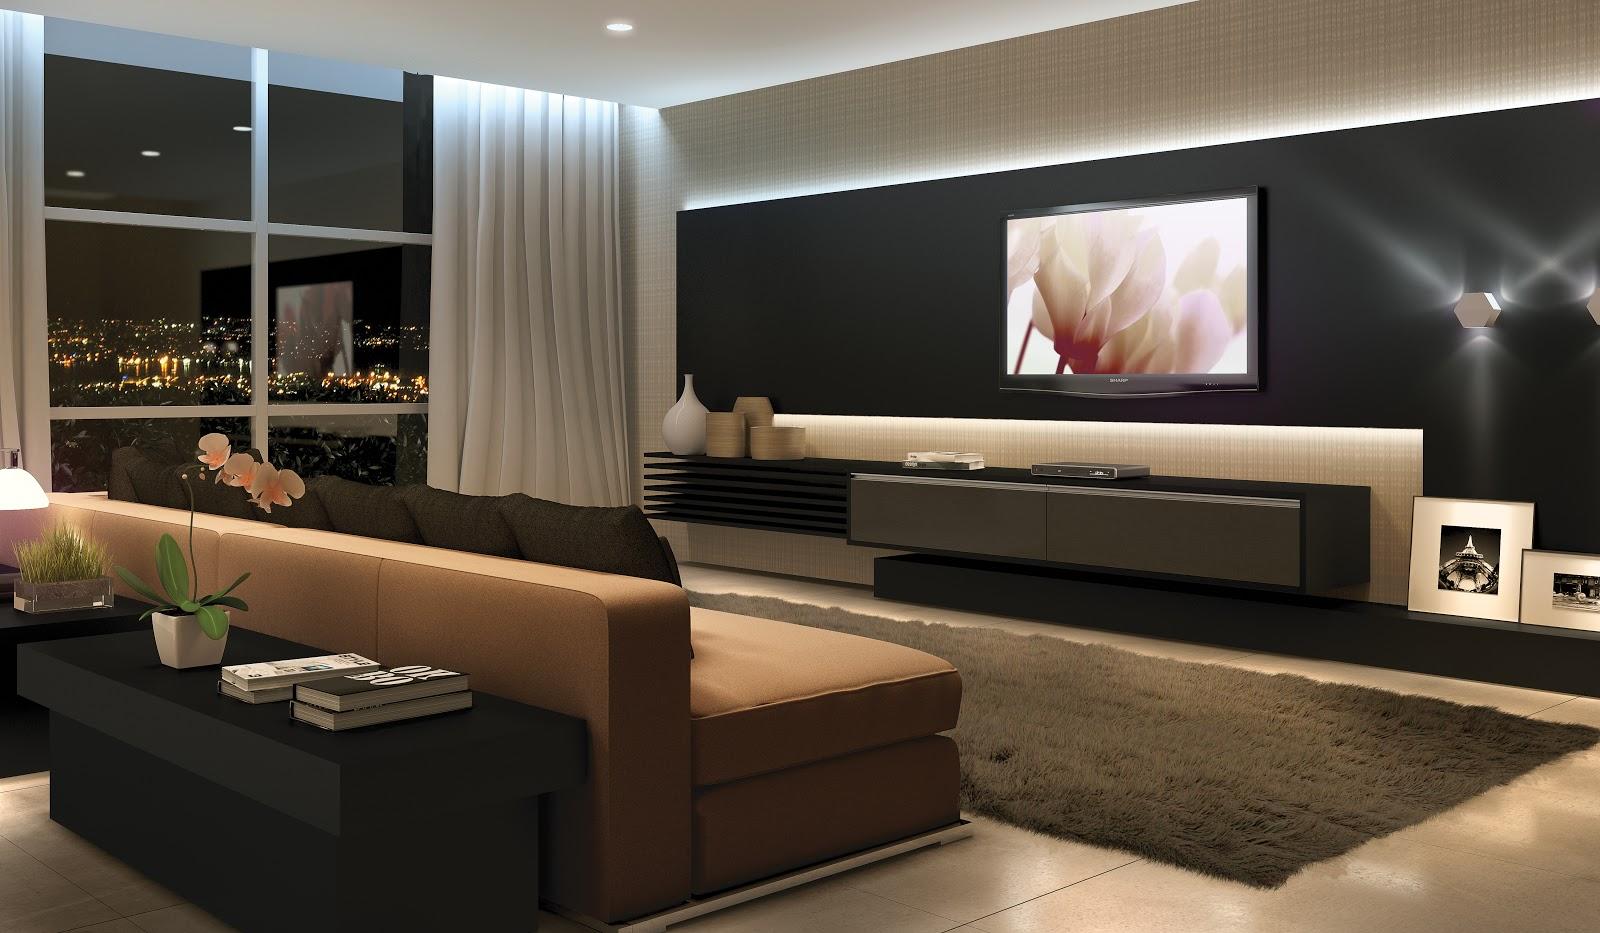 Sofas Modernos Para Sala De Tv Cheap Sofa Covers Canada Construindo Minha Casa Clean Estar Com